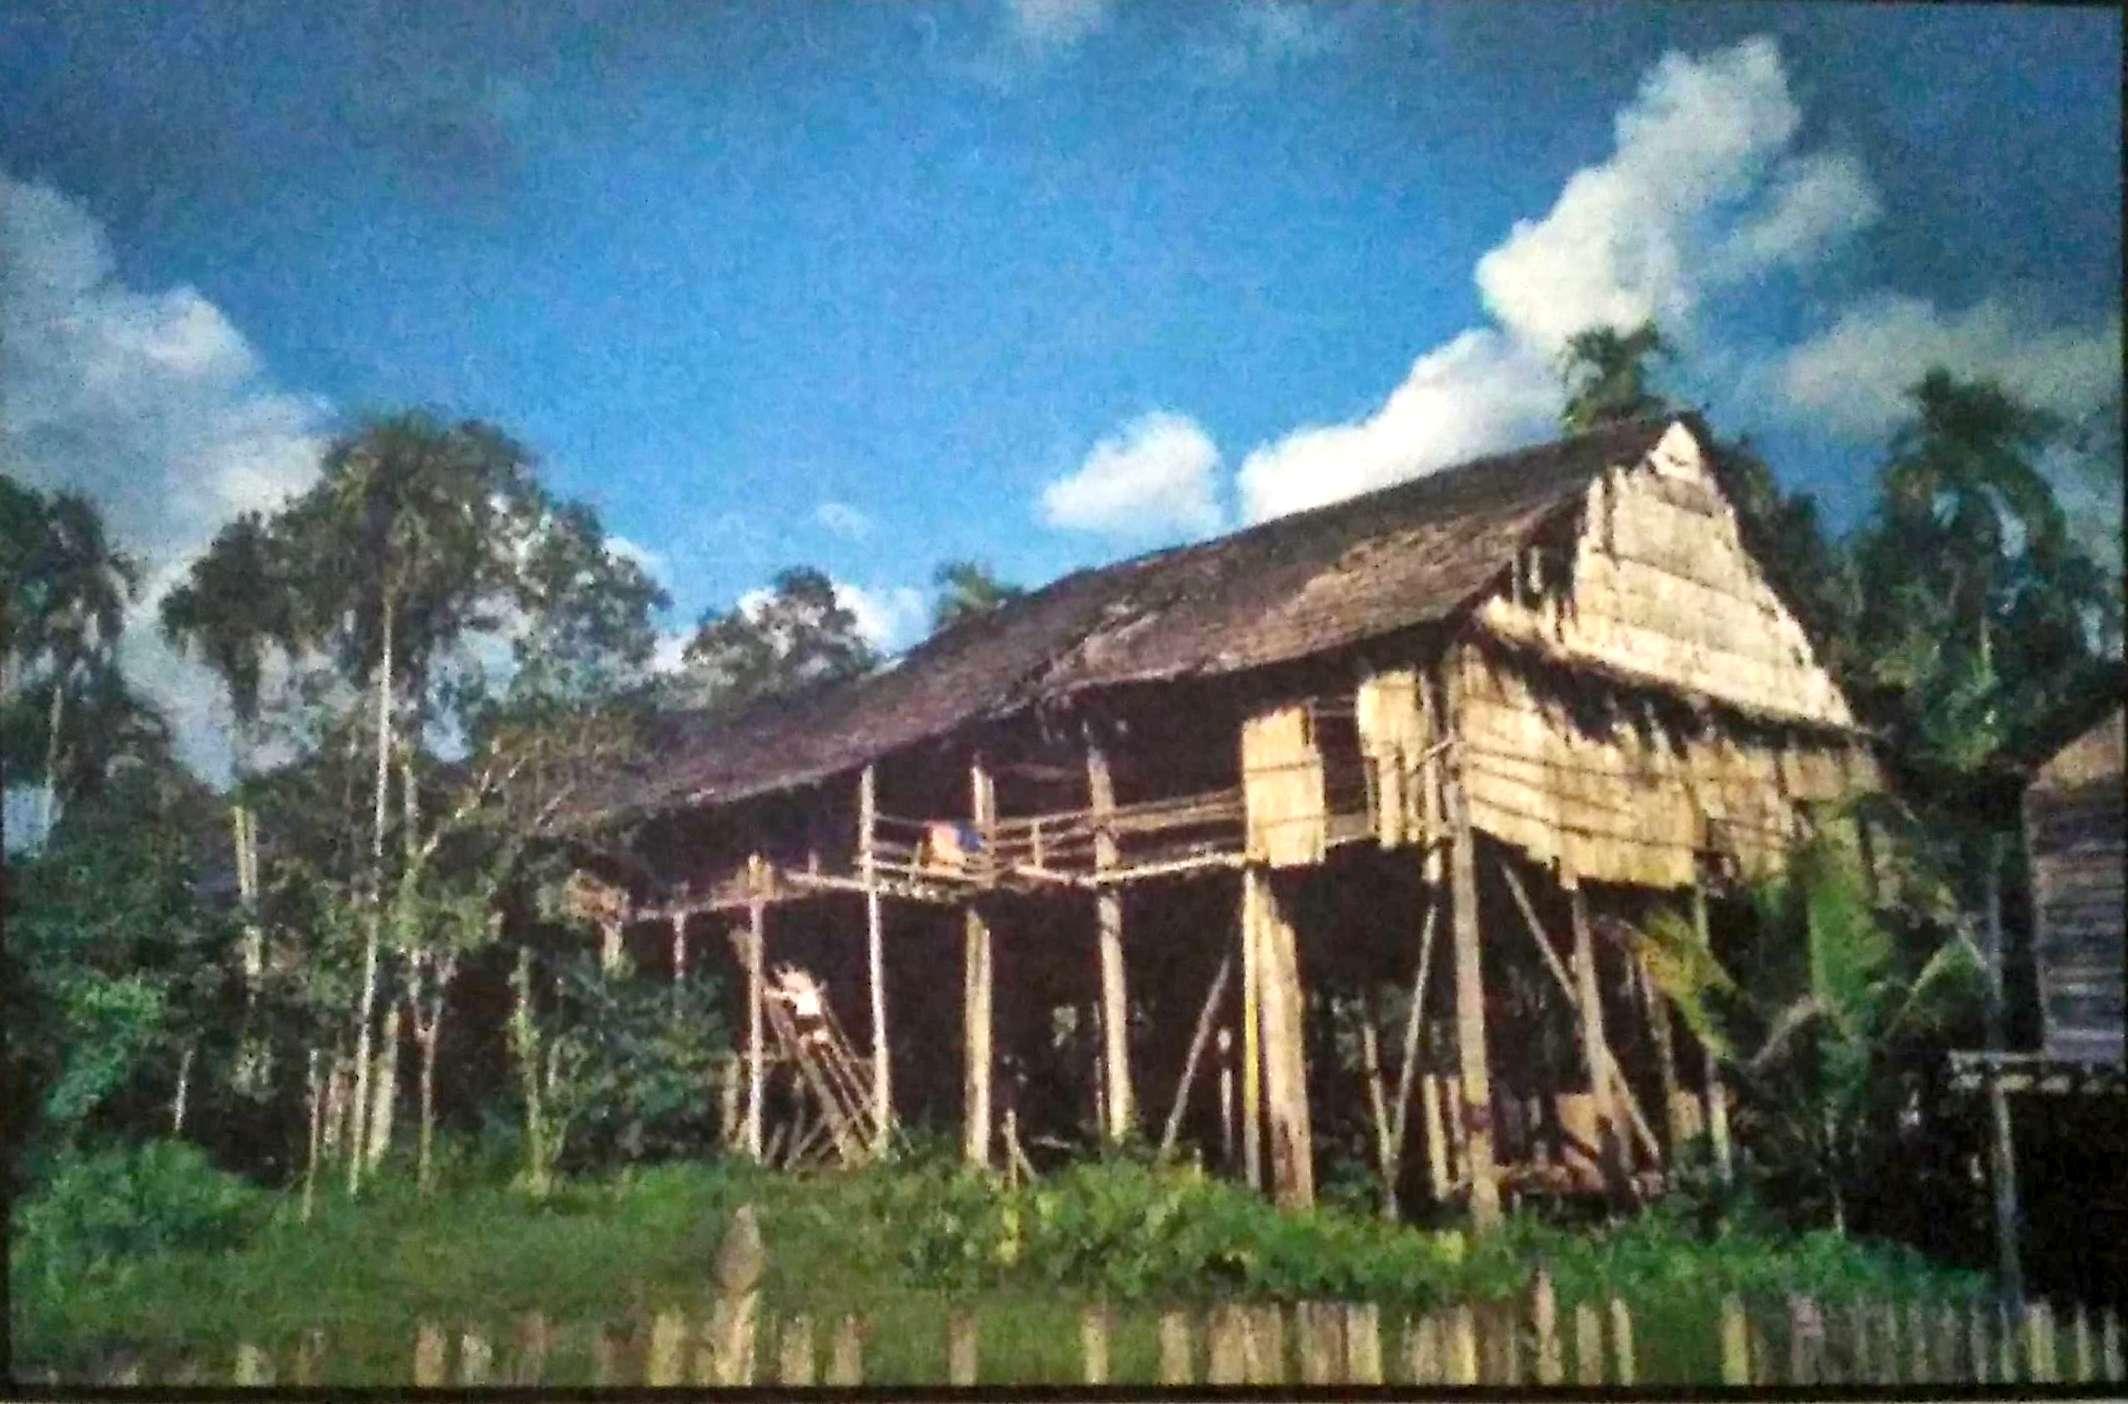 Rumah Adat Betang Panjang Atau Rumah Betang Sungai Uluk Palin Balai Pelestarian Cagar Budaya Kalimantan Timur